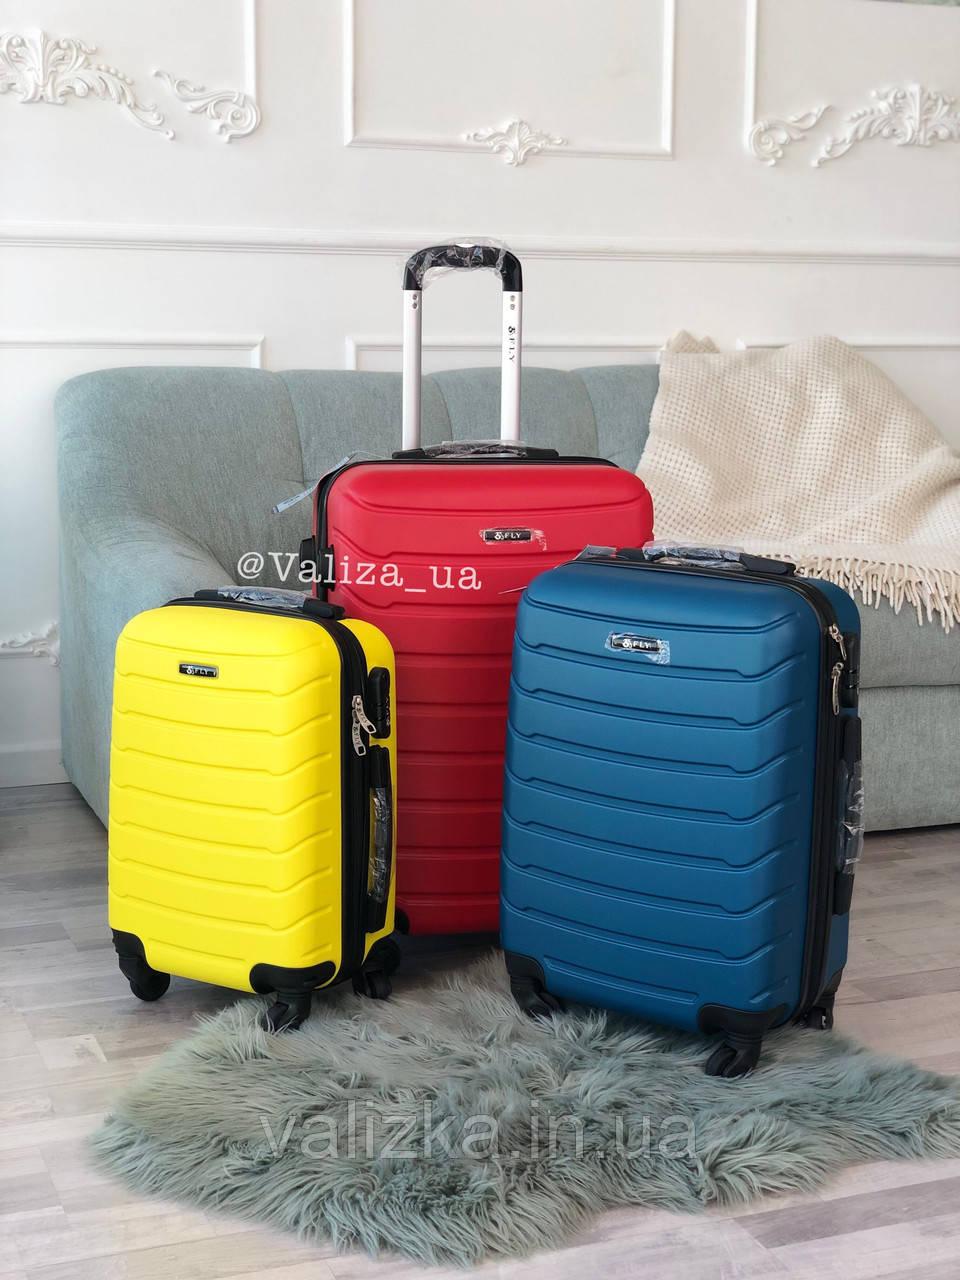 Пластиковый чемодан маленький желтый  для ручной клади